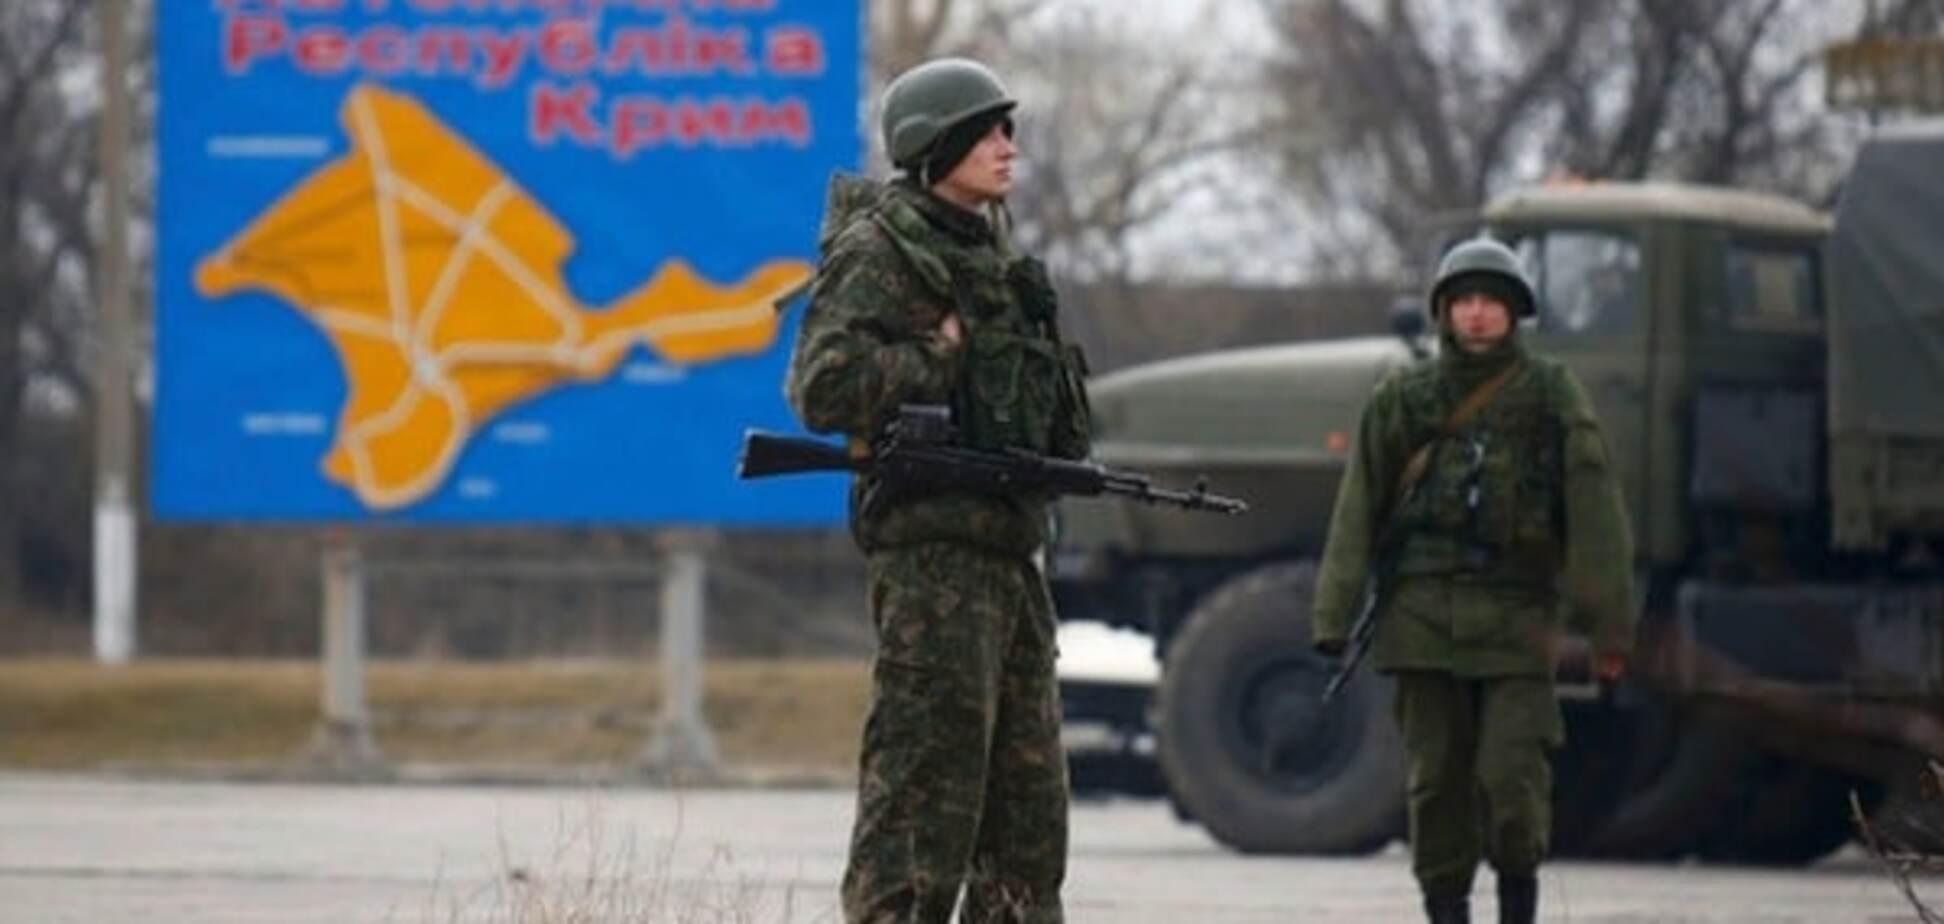 Як 'зливали' Крим: у РНБО розсекретили стенограму засідання за 2014 рік